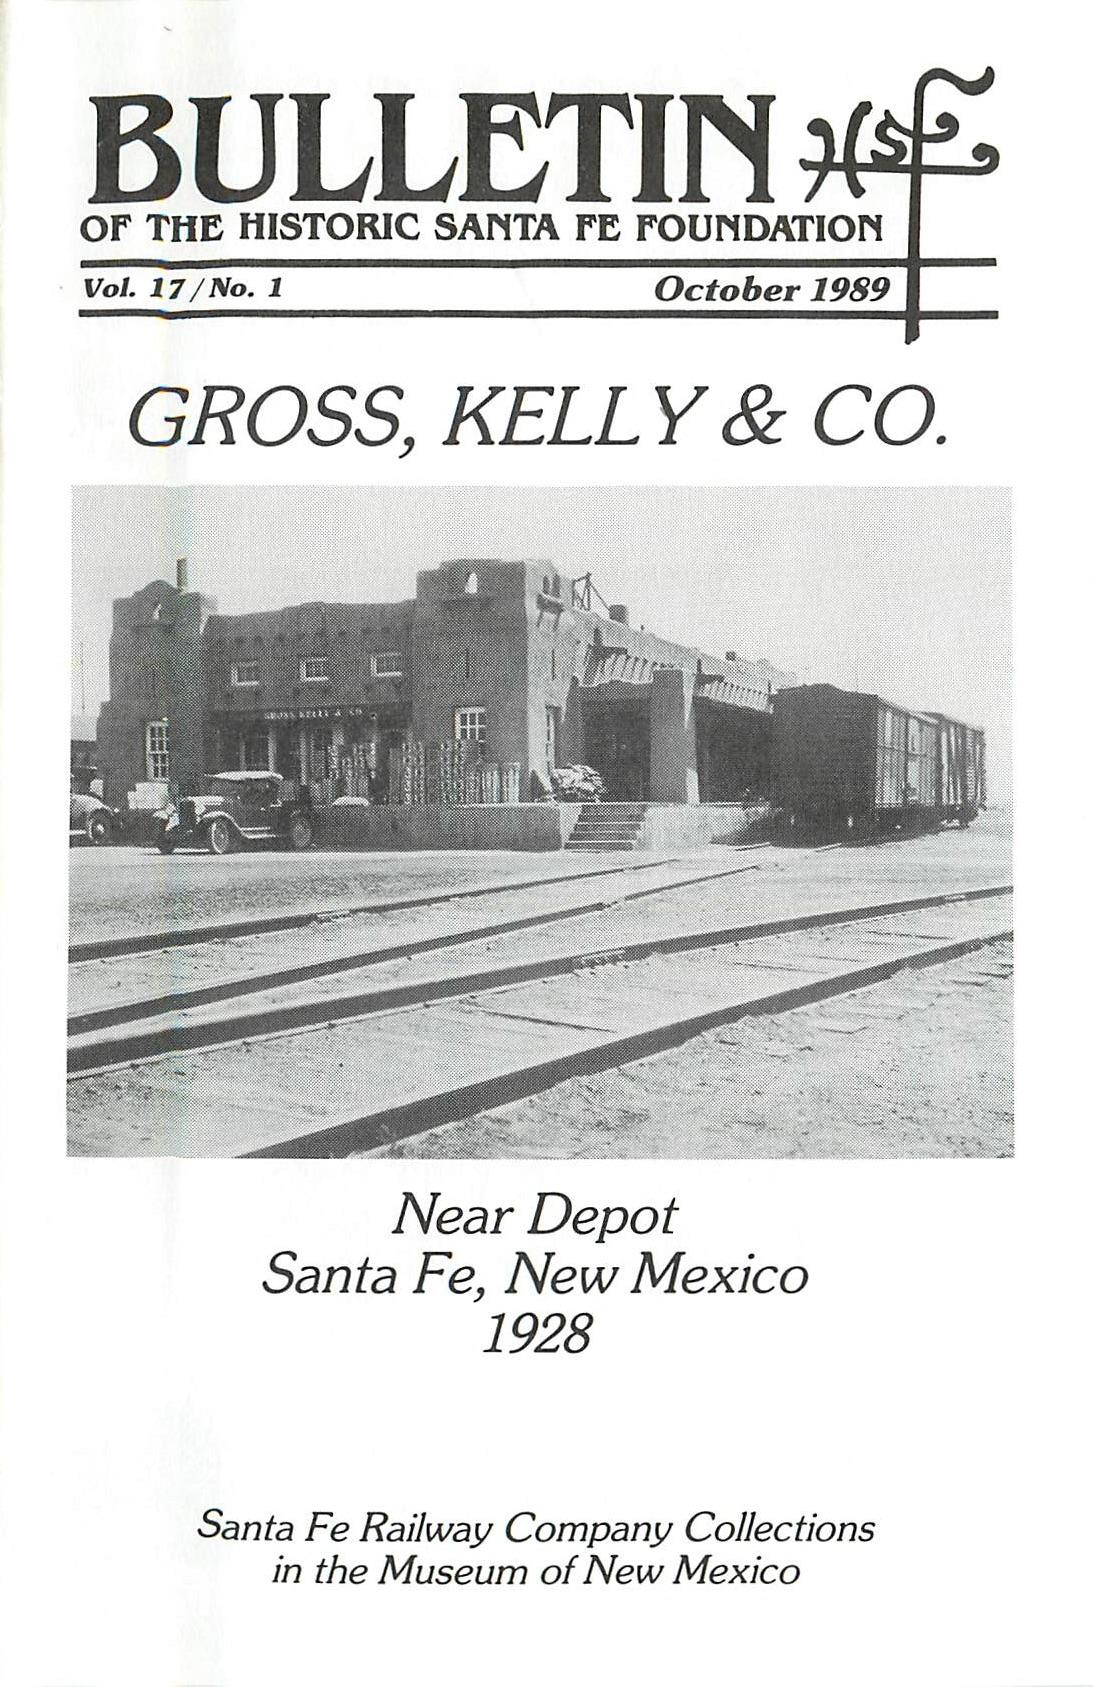 1989 HSFF Bulletin Vol.17 No.1 Cover